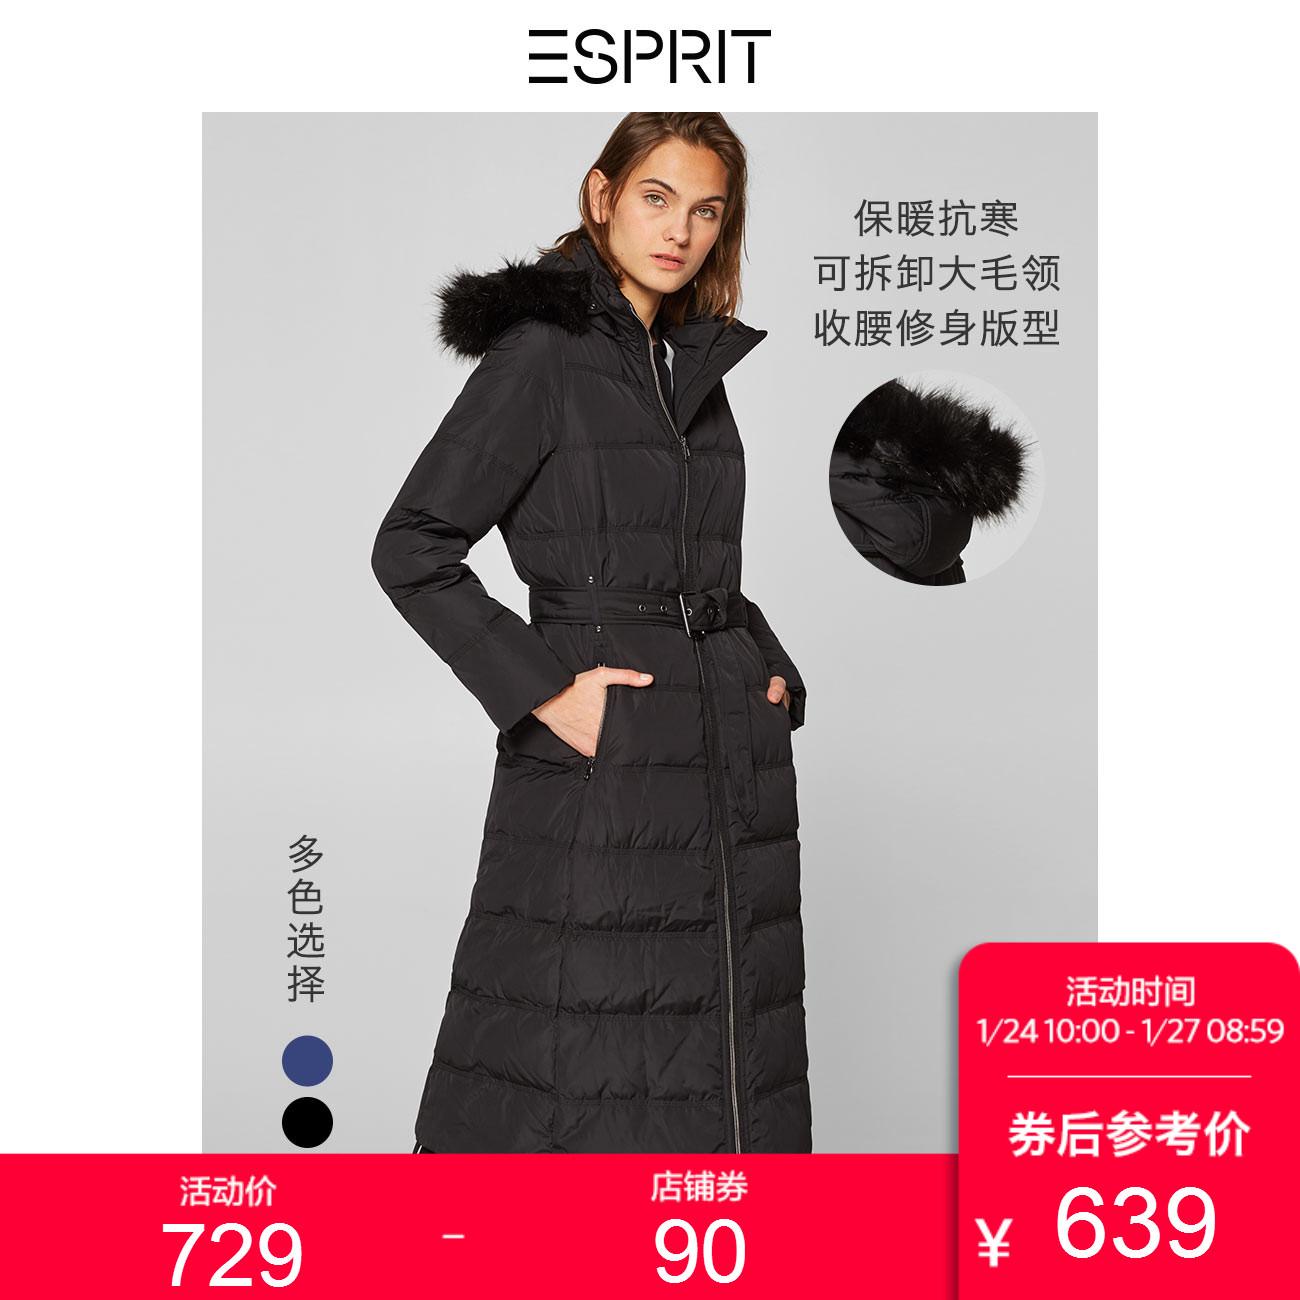 羽绒服女装长款加厚灰鸭绒冬连帽修身外套ESPRIT-118EE1G003